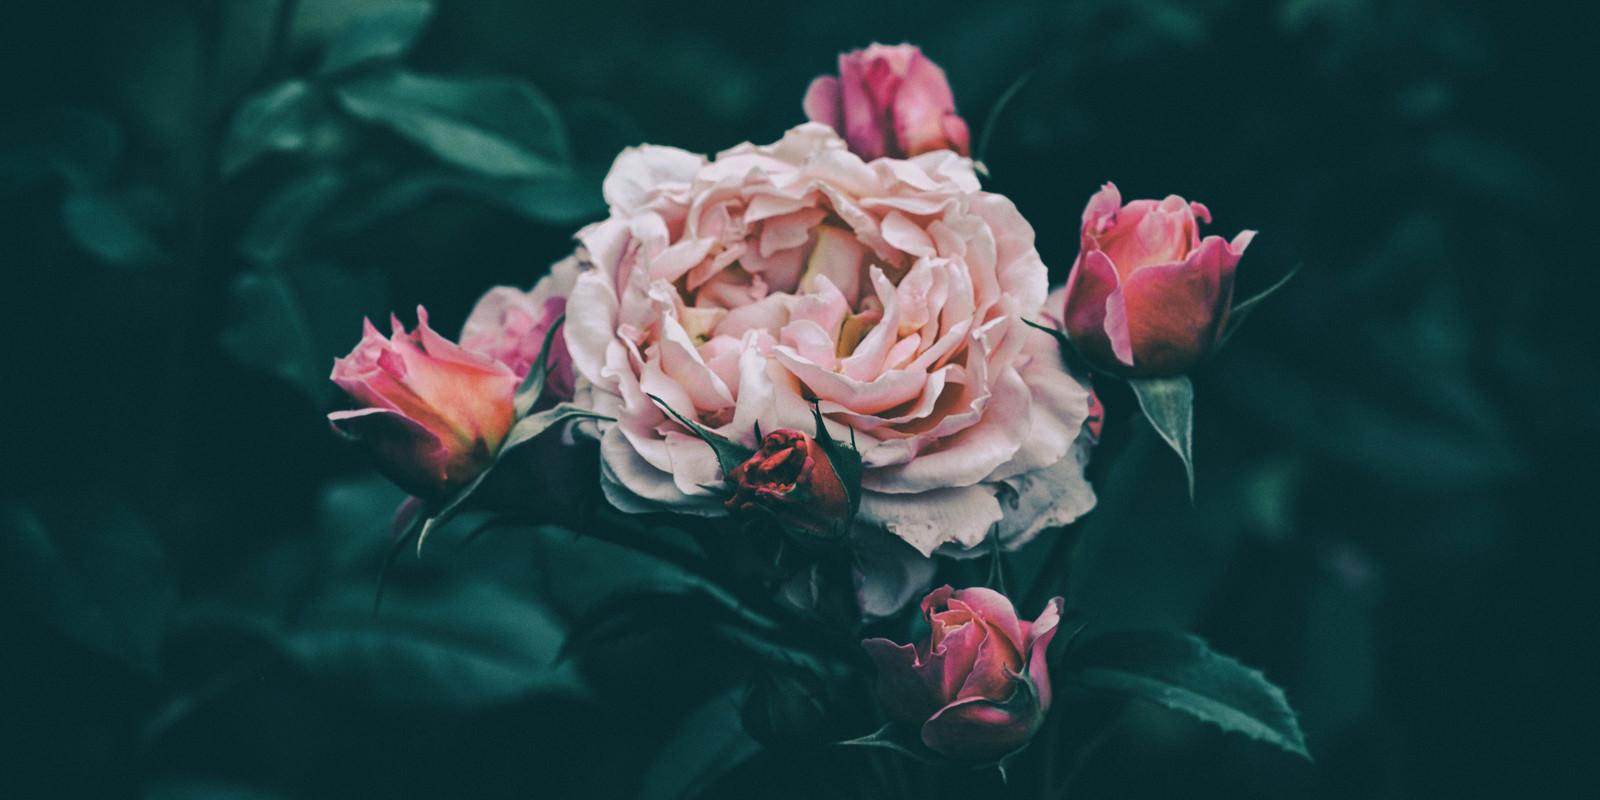 「花びらが痛むバラ」の写真